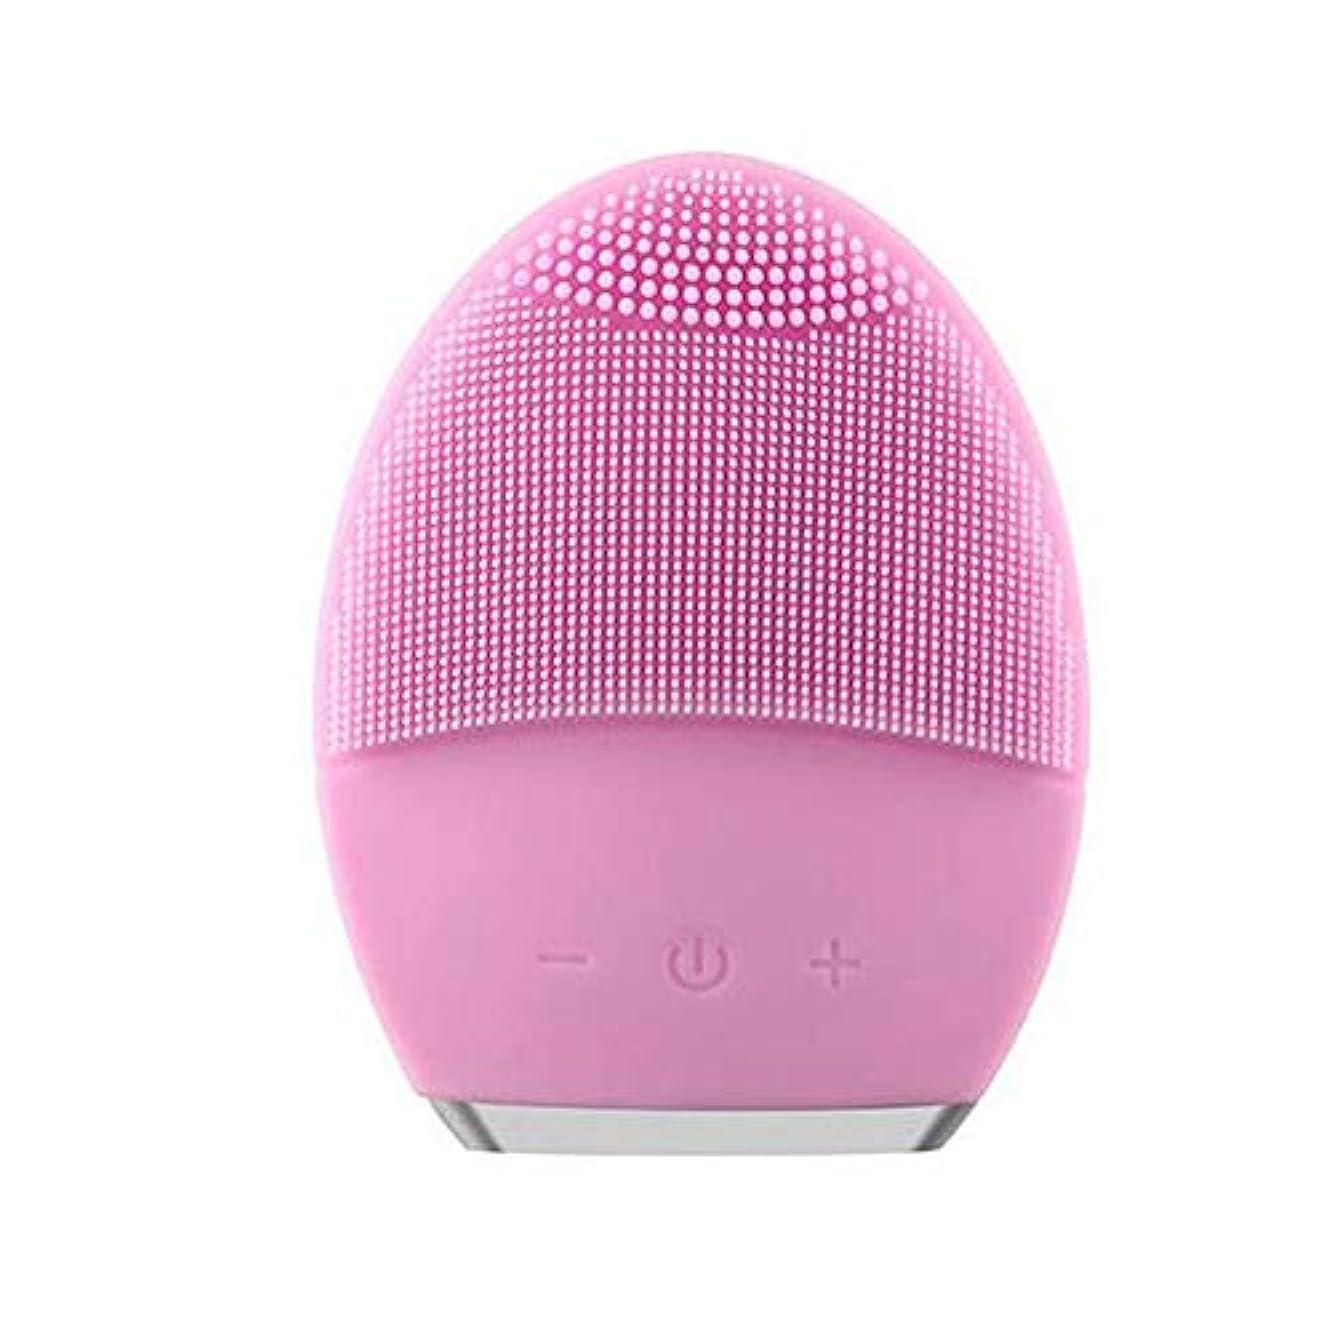 動詞食器棚静脈JMY ブラシを洗うクレンジング器、ソニックシリコーン電気、防水女性の十代の少女メイクアップフェイスウォッシュ(ピンク)